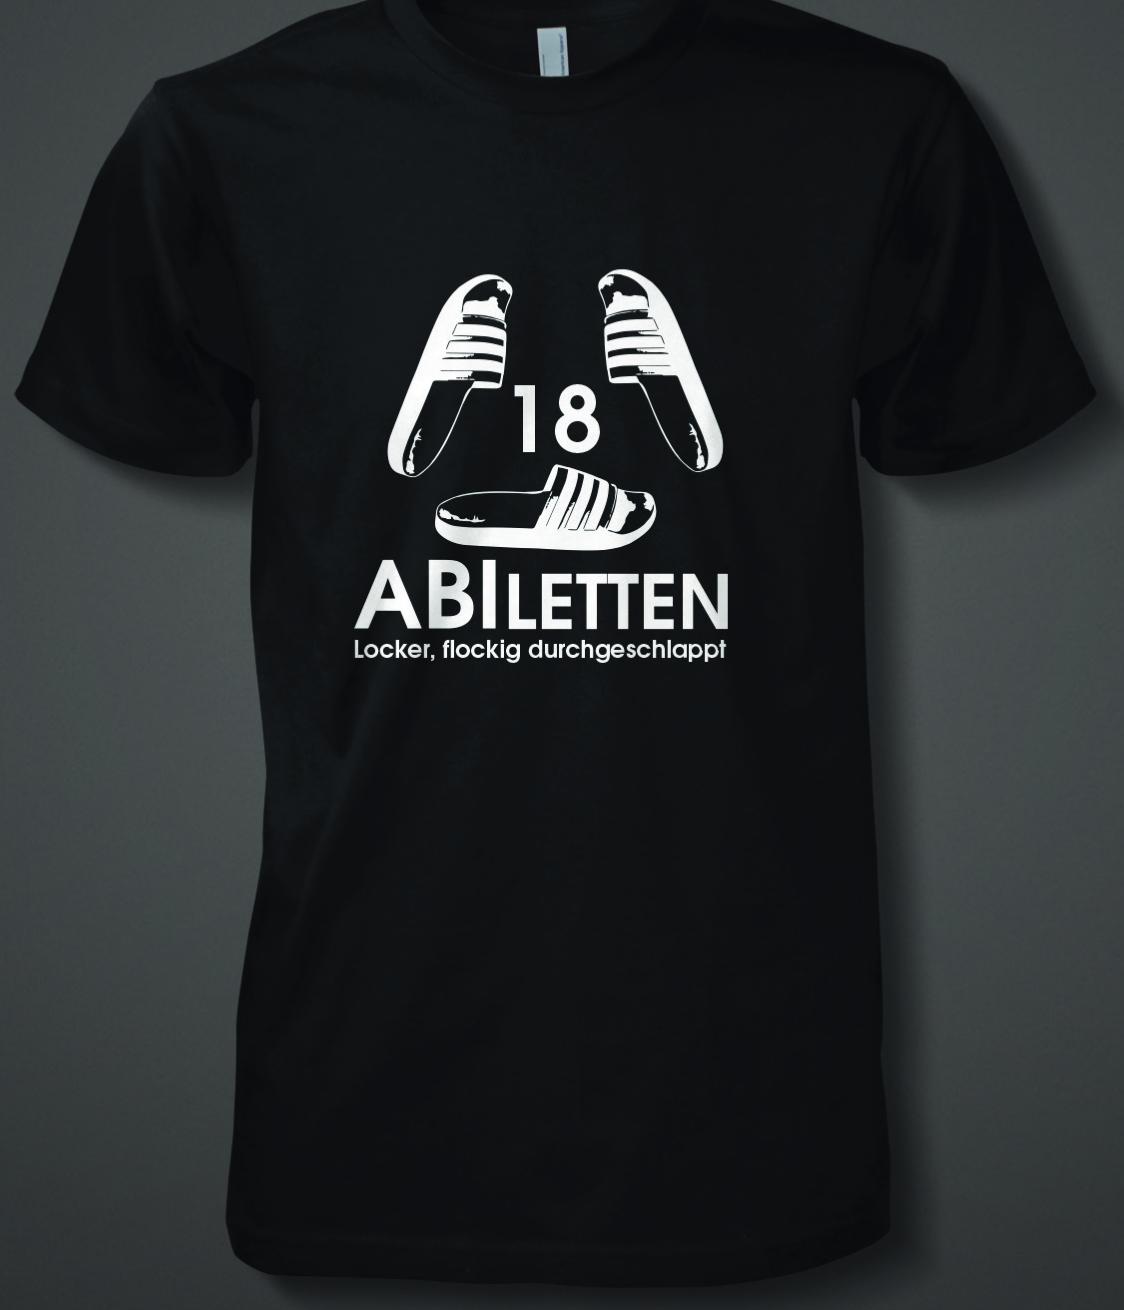 Abiletten Abi 2021 Textilien Abishirt Locker Flockig Durchgeschlappt Abimotto Abishirts Shirts Abi Logo